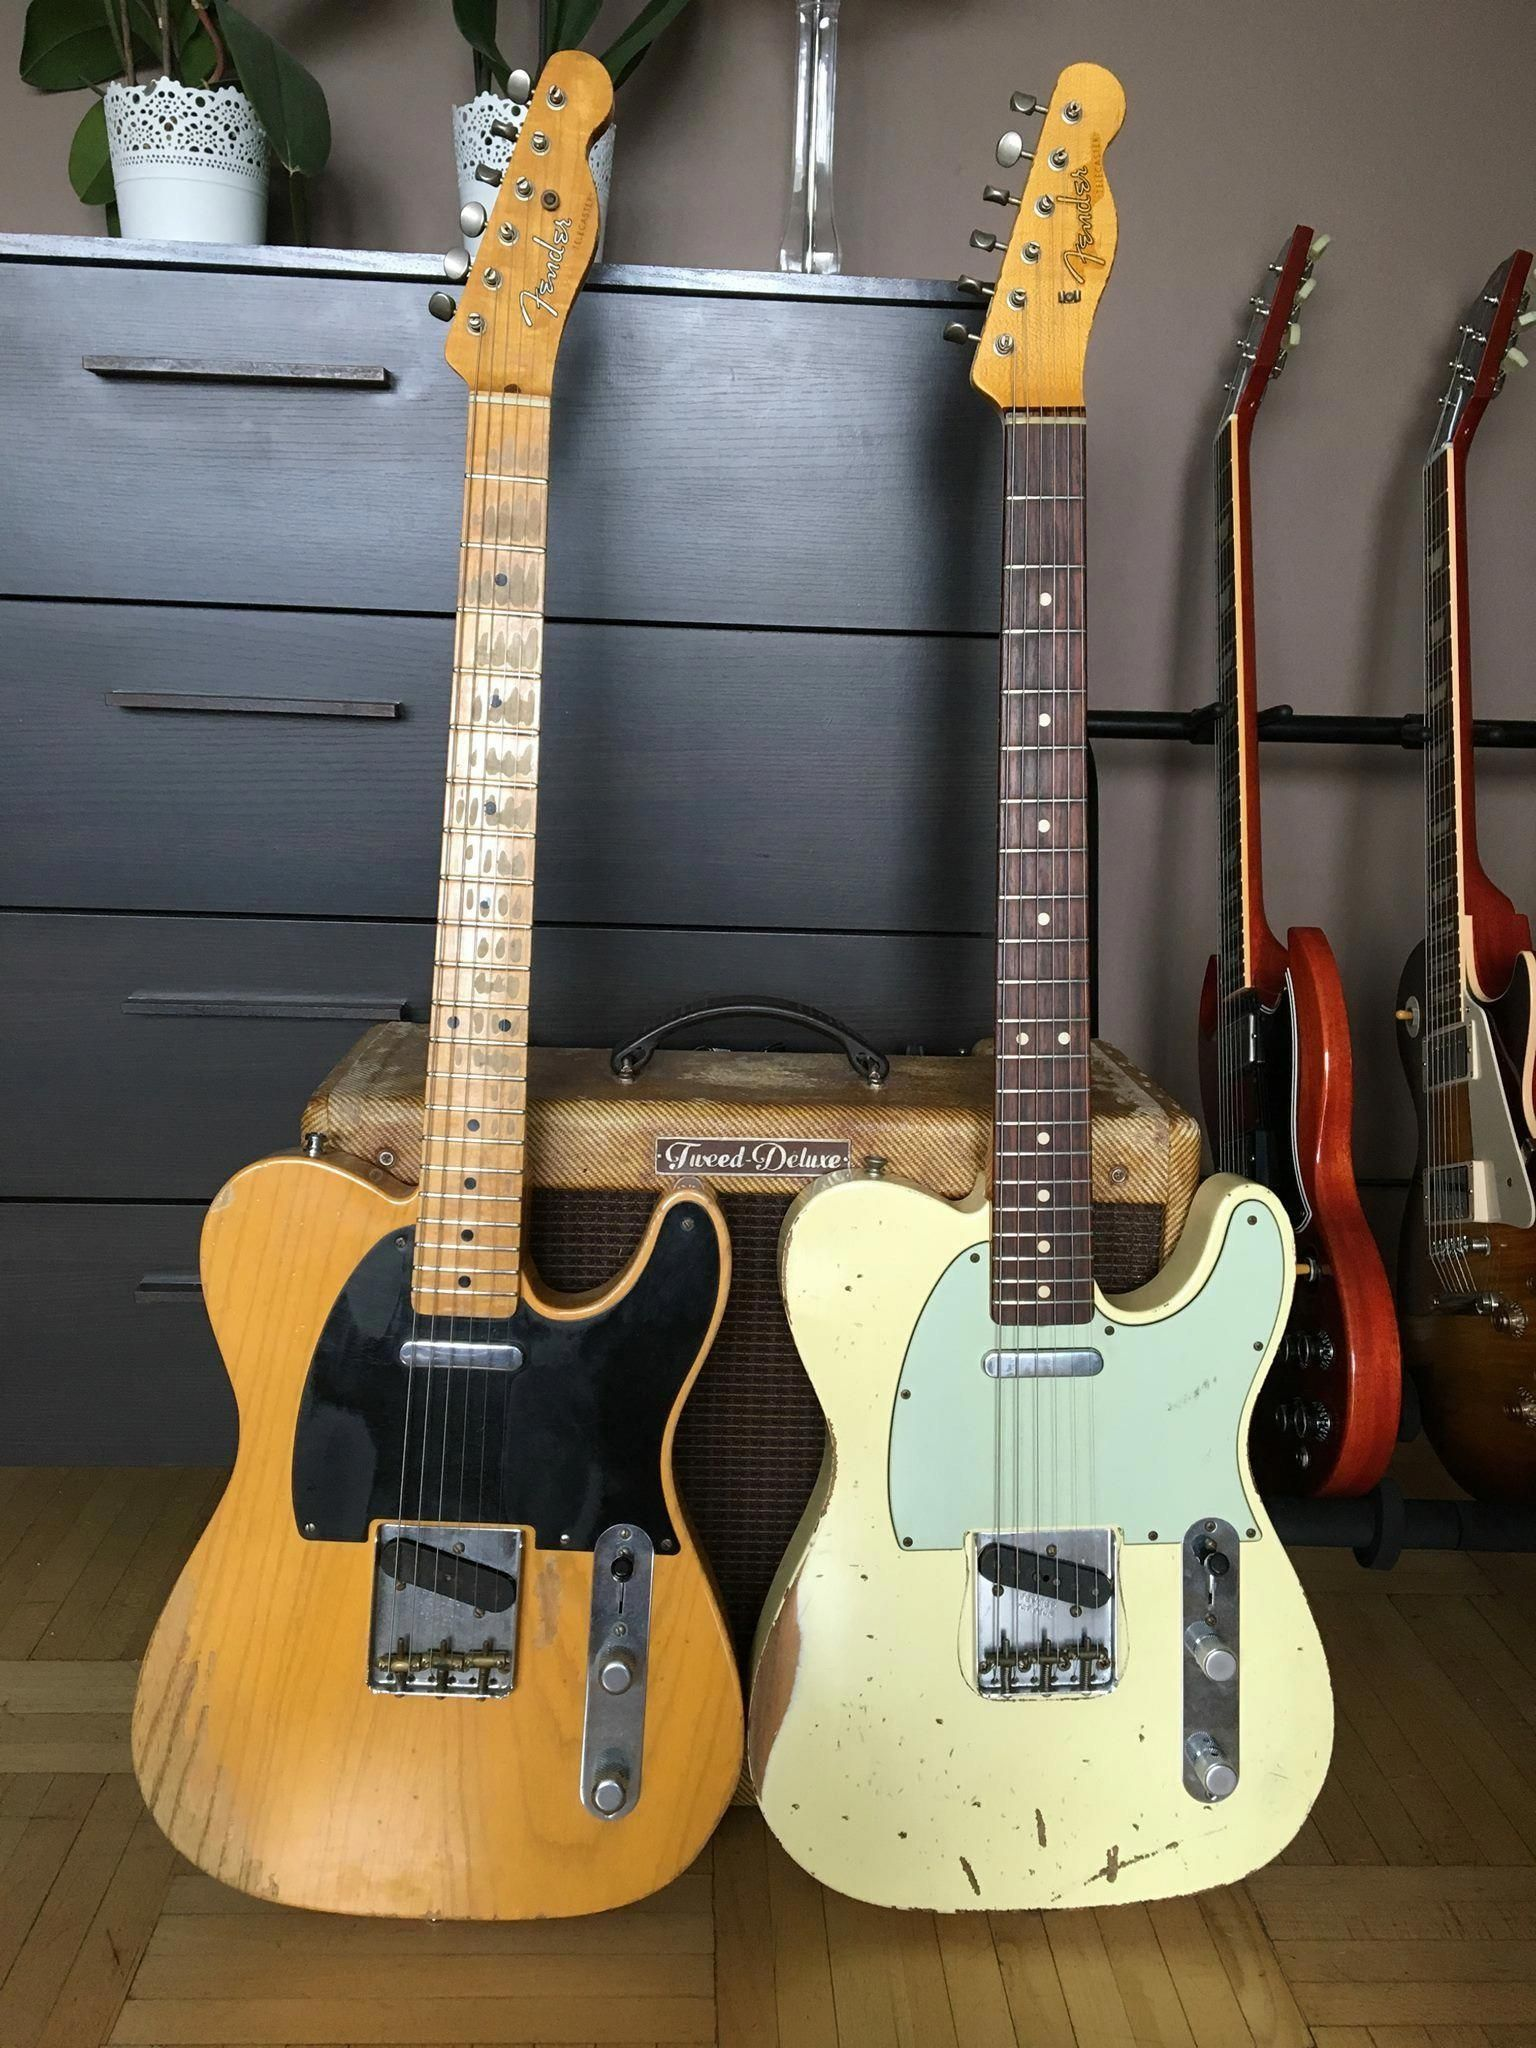 the best vintage fender guitar 9838 vintagefenderguitar wow electric guitars in 2019. Black Bedroom Furniture Sets. Home Design Ideas